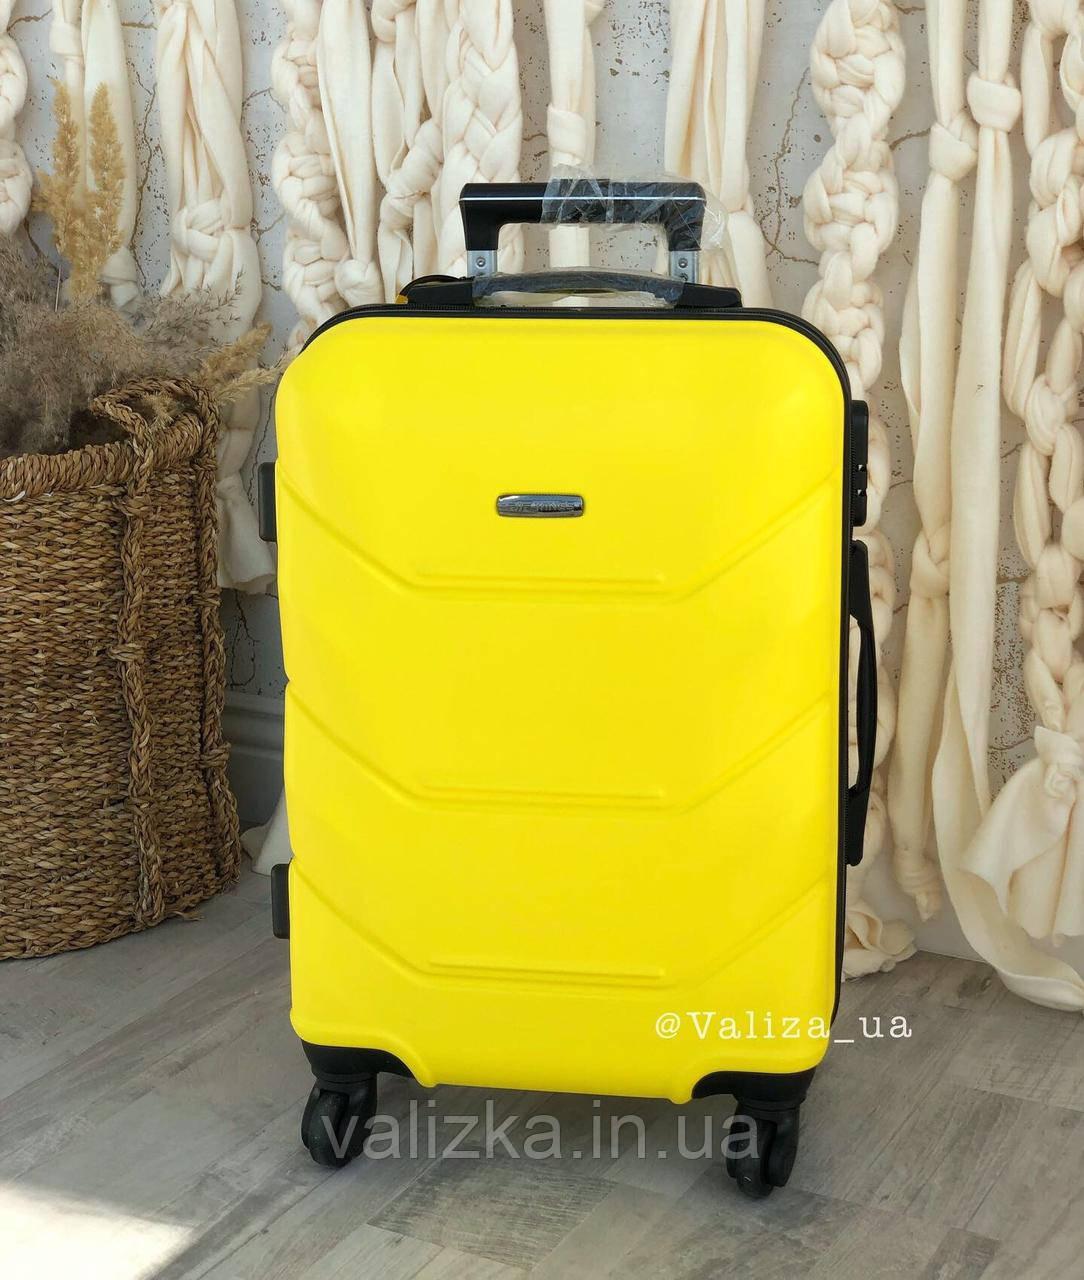 Желтый пластиковый чемодан ручная кладь